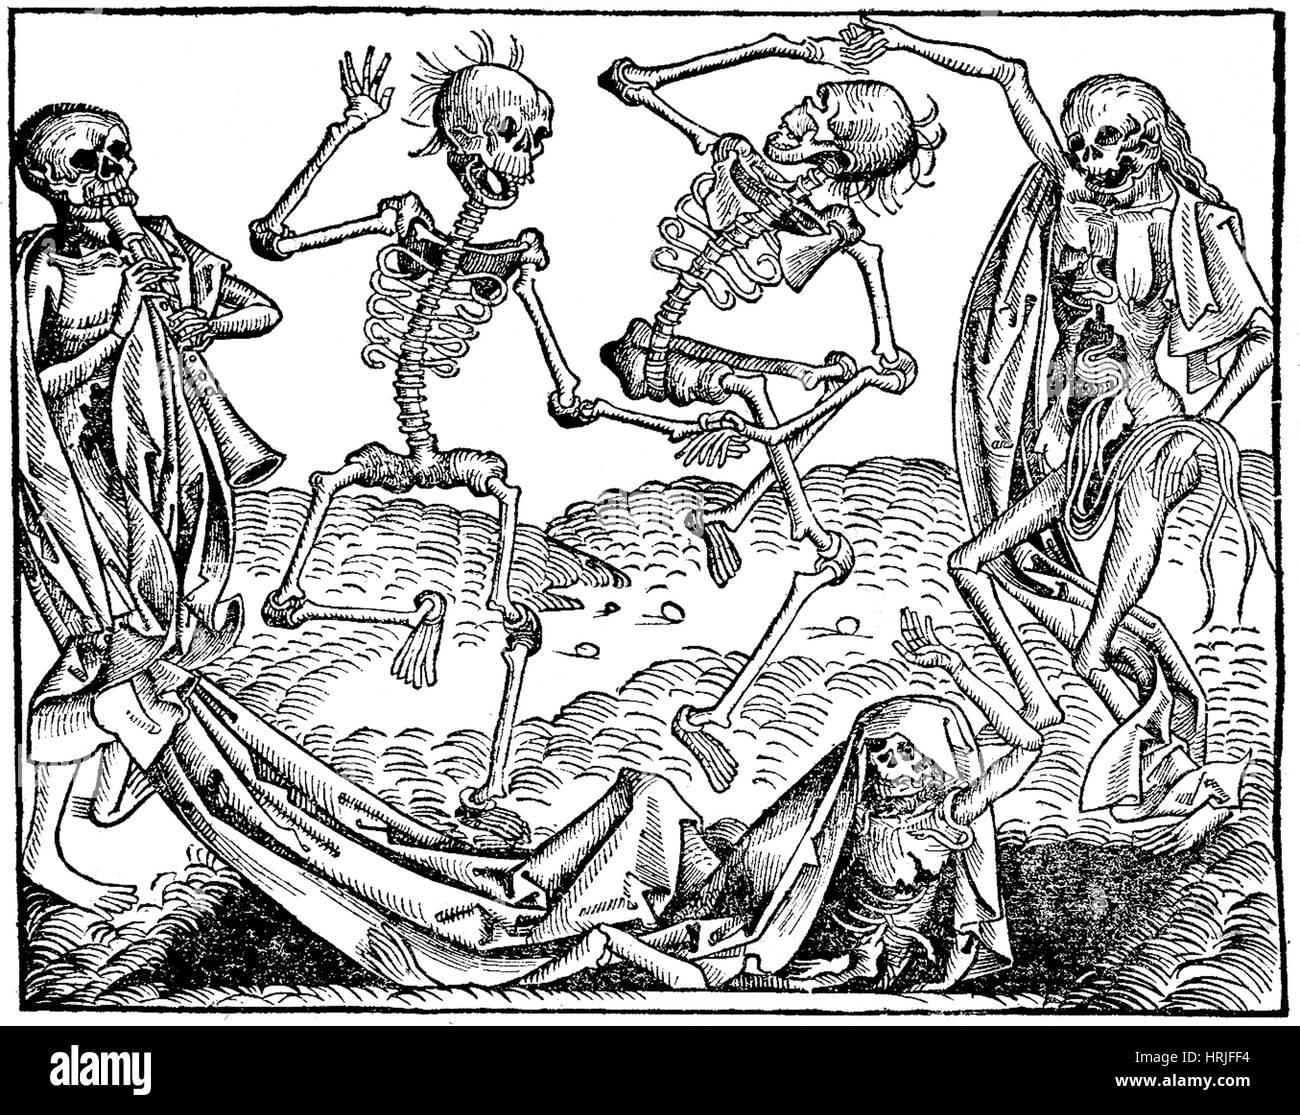 Danse Macabre, Nuremberg Chronicle, 1493